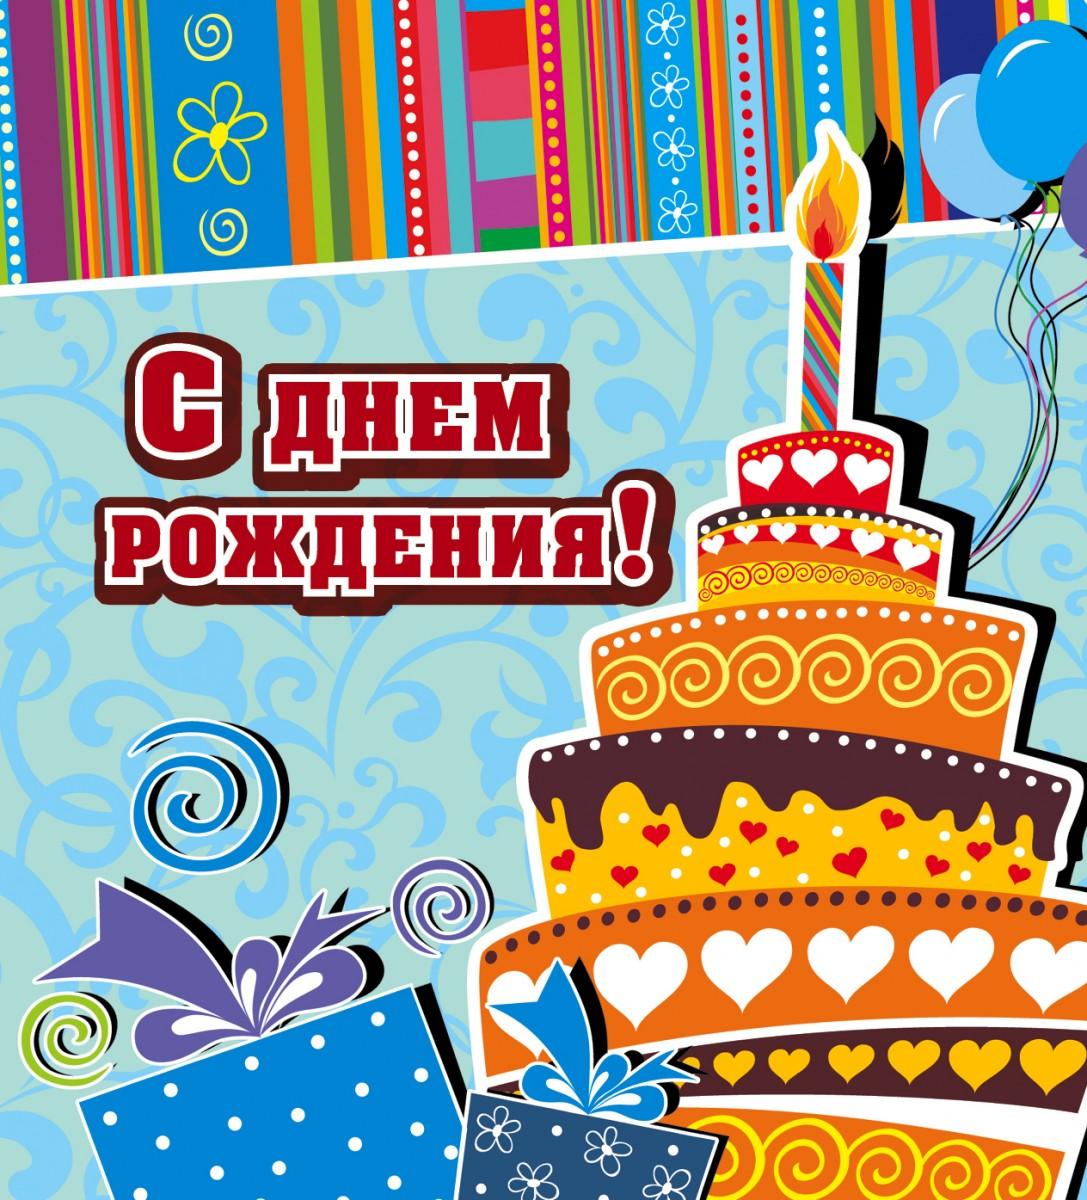 Романтика телефон, открытки маленького размера с днем рождения